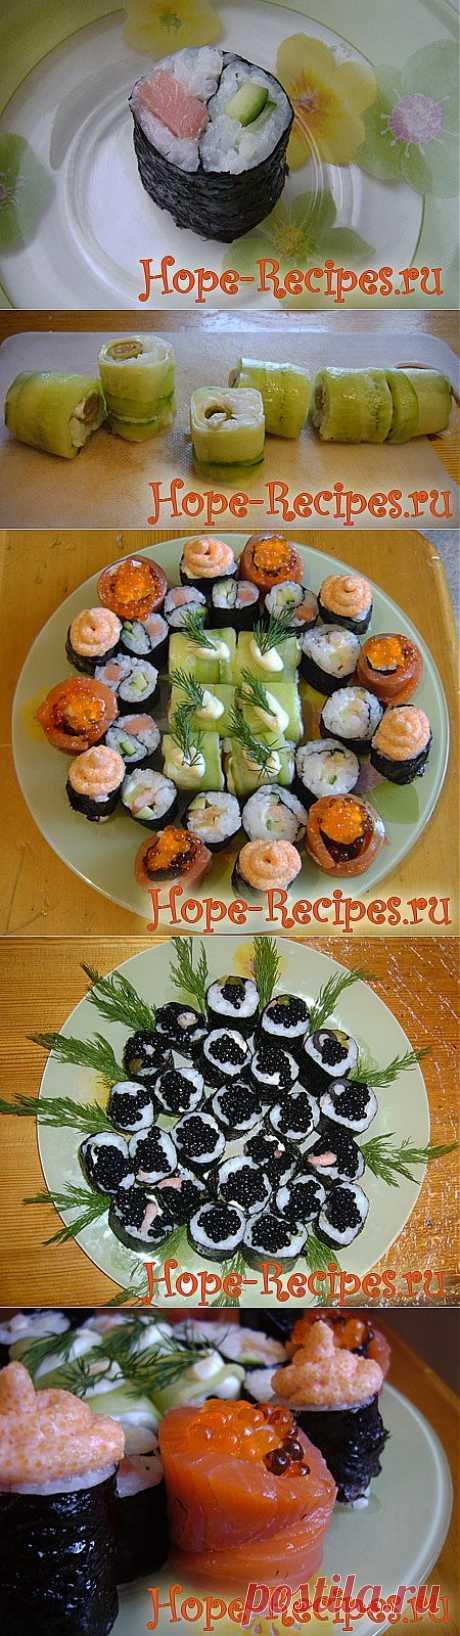 Идеи для праздничного стола— роллы! © Кулинарный блог #Рецепты Надежды